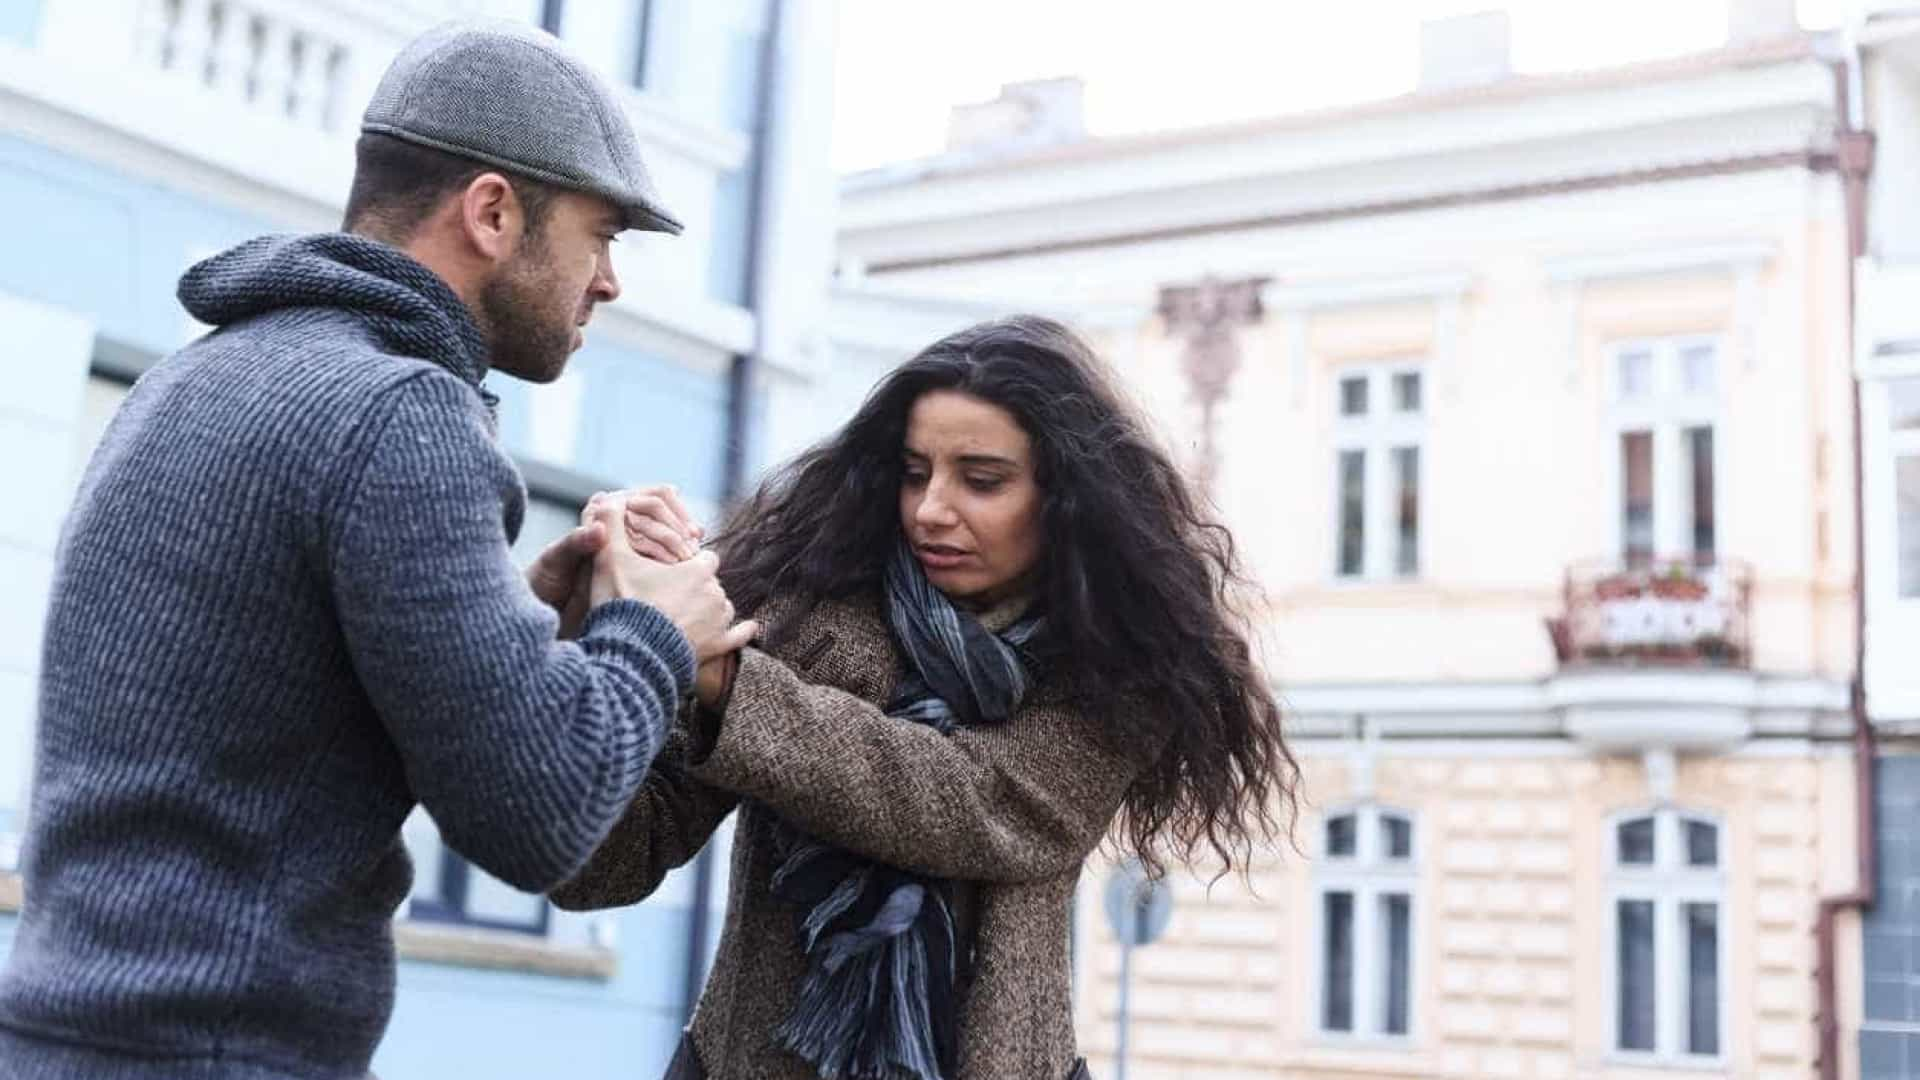 Dois terços dos jovens acham normal comportamento violento no namoro